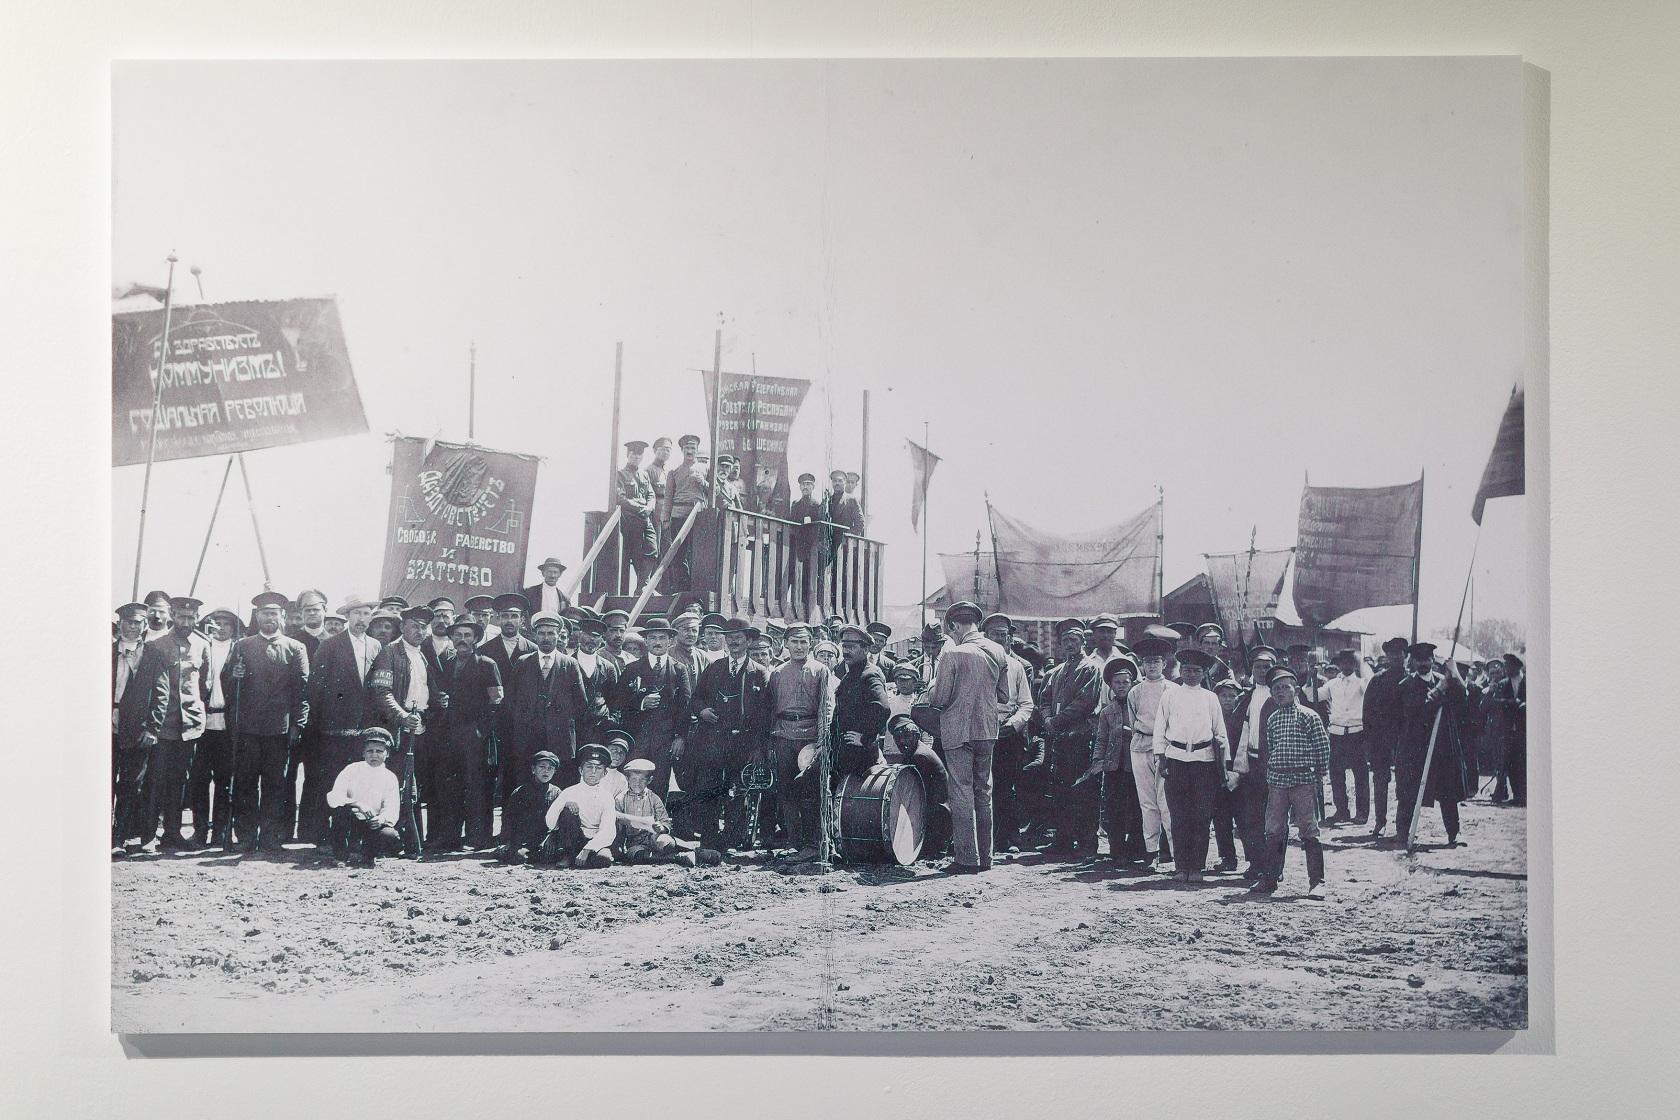 В России готовятся отпраздновать 100-летие основания Автономной области немцев Поволжья фото 1